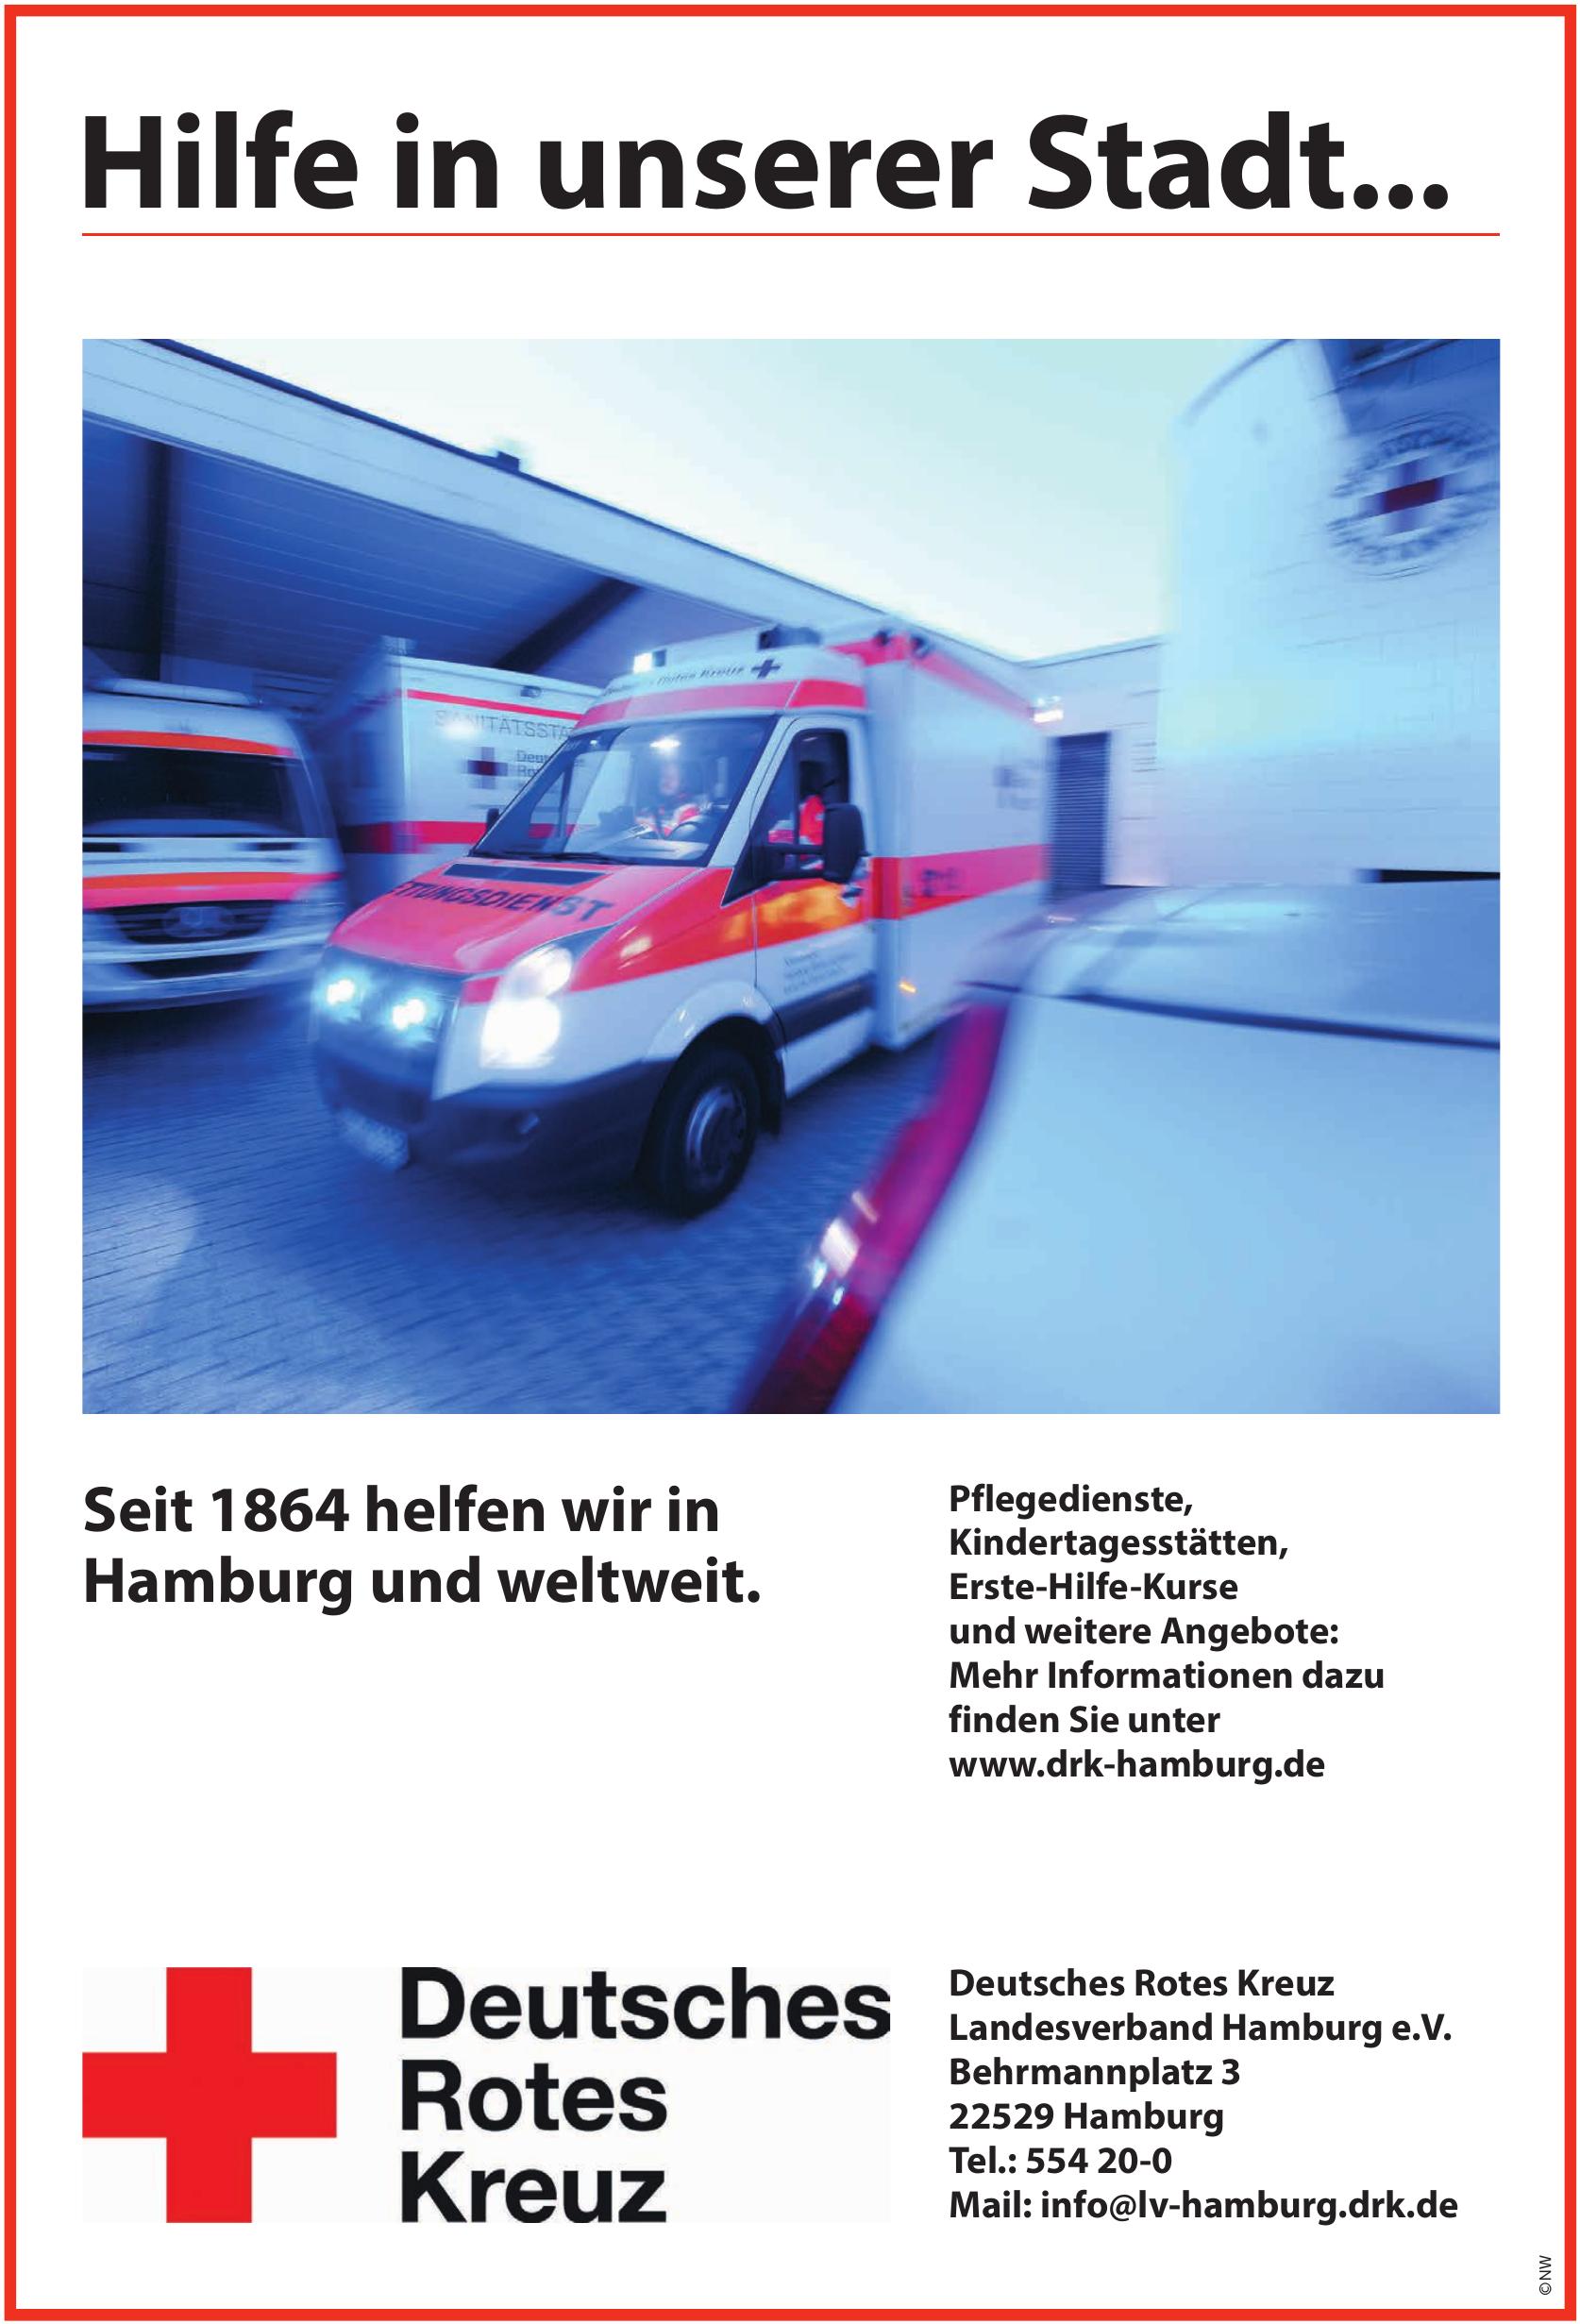 Deutsches Rotes Kreuz Landesverband Hamburg e.V.